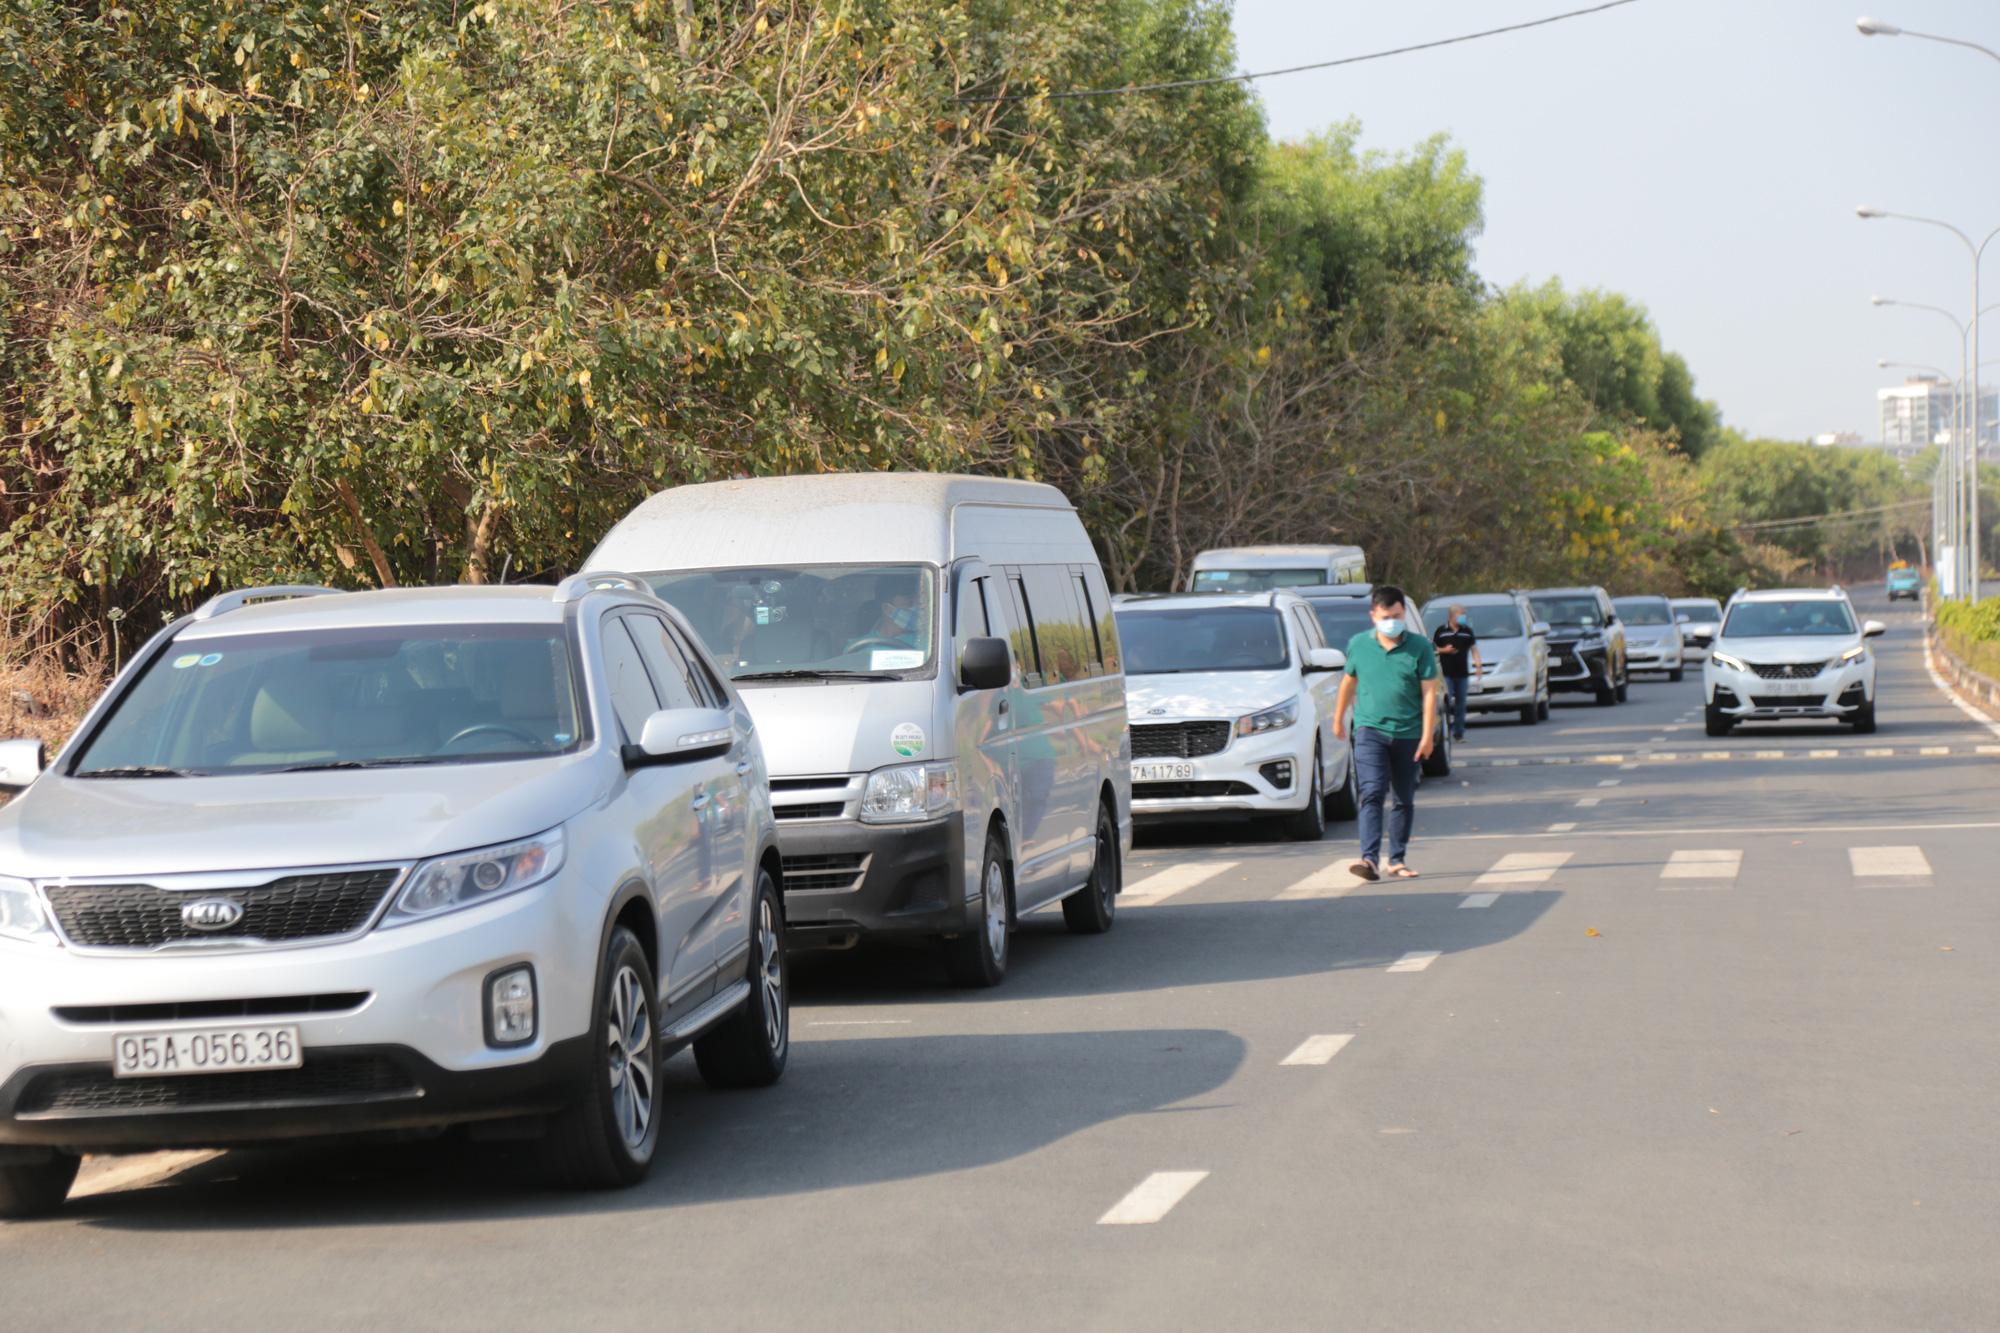 """TP.HCM: 200 ô tô dịch vụ được phép lưu thông để hỗ trợ miễn phí người dân trong những ngày """"cách ly toàn xã hội"""" - Ảnh 1."""